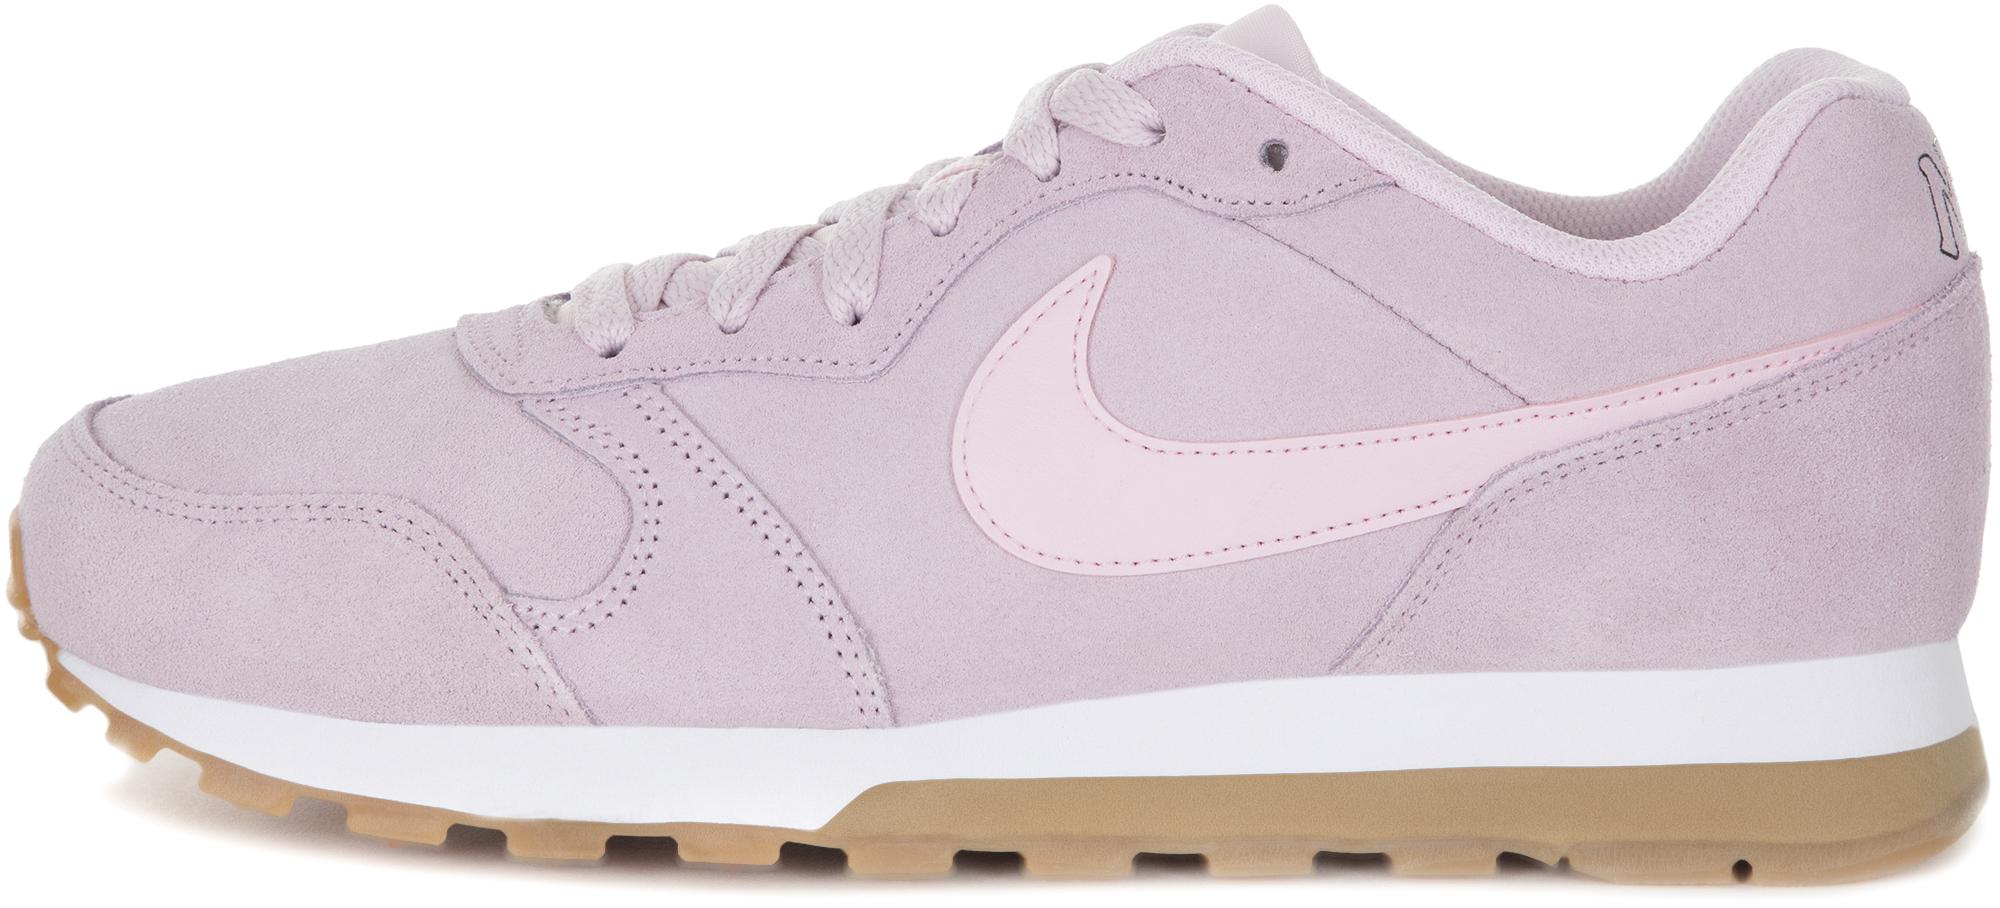 купить Nike Кроссовки женские Nike MD Runner 2 SE, размер 36,5 по цене 4999 рублей